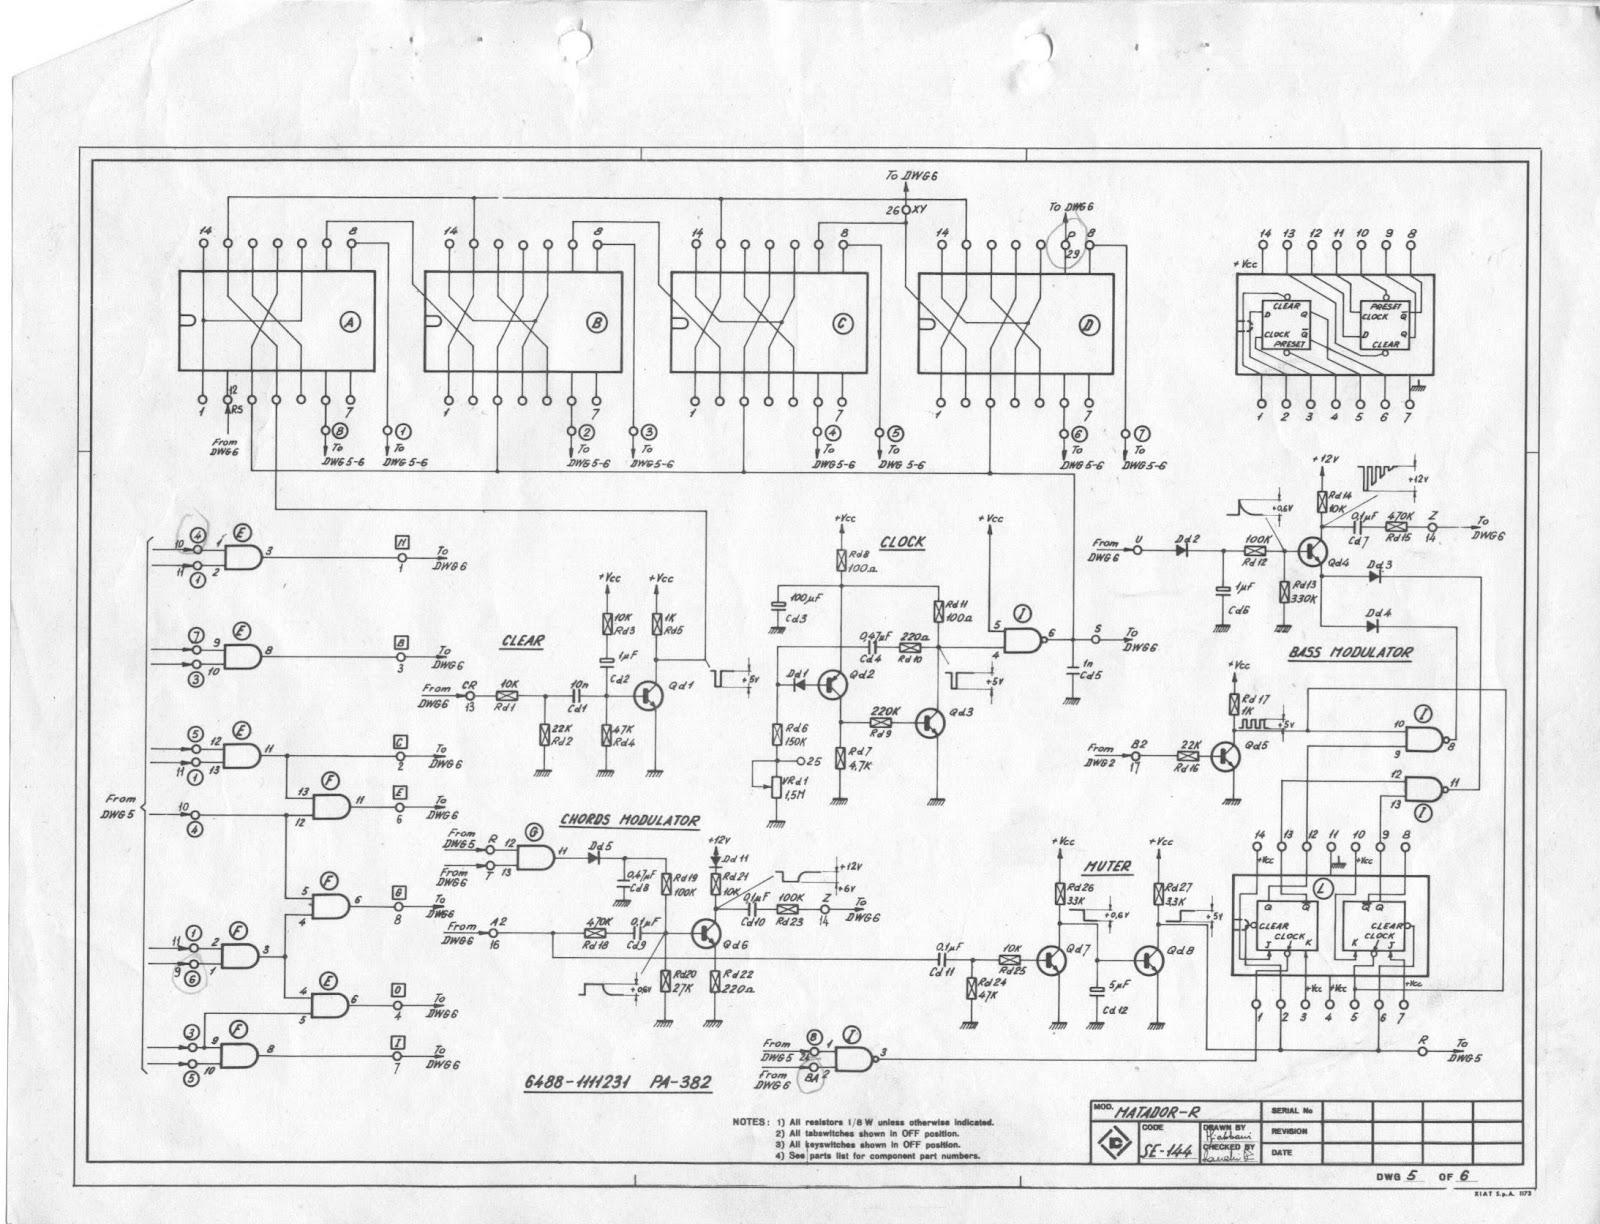 Schemi Elettrici Amplificatori Audio Con N : Npn circuit progetti elettronici informatica farfisa